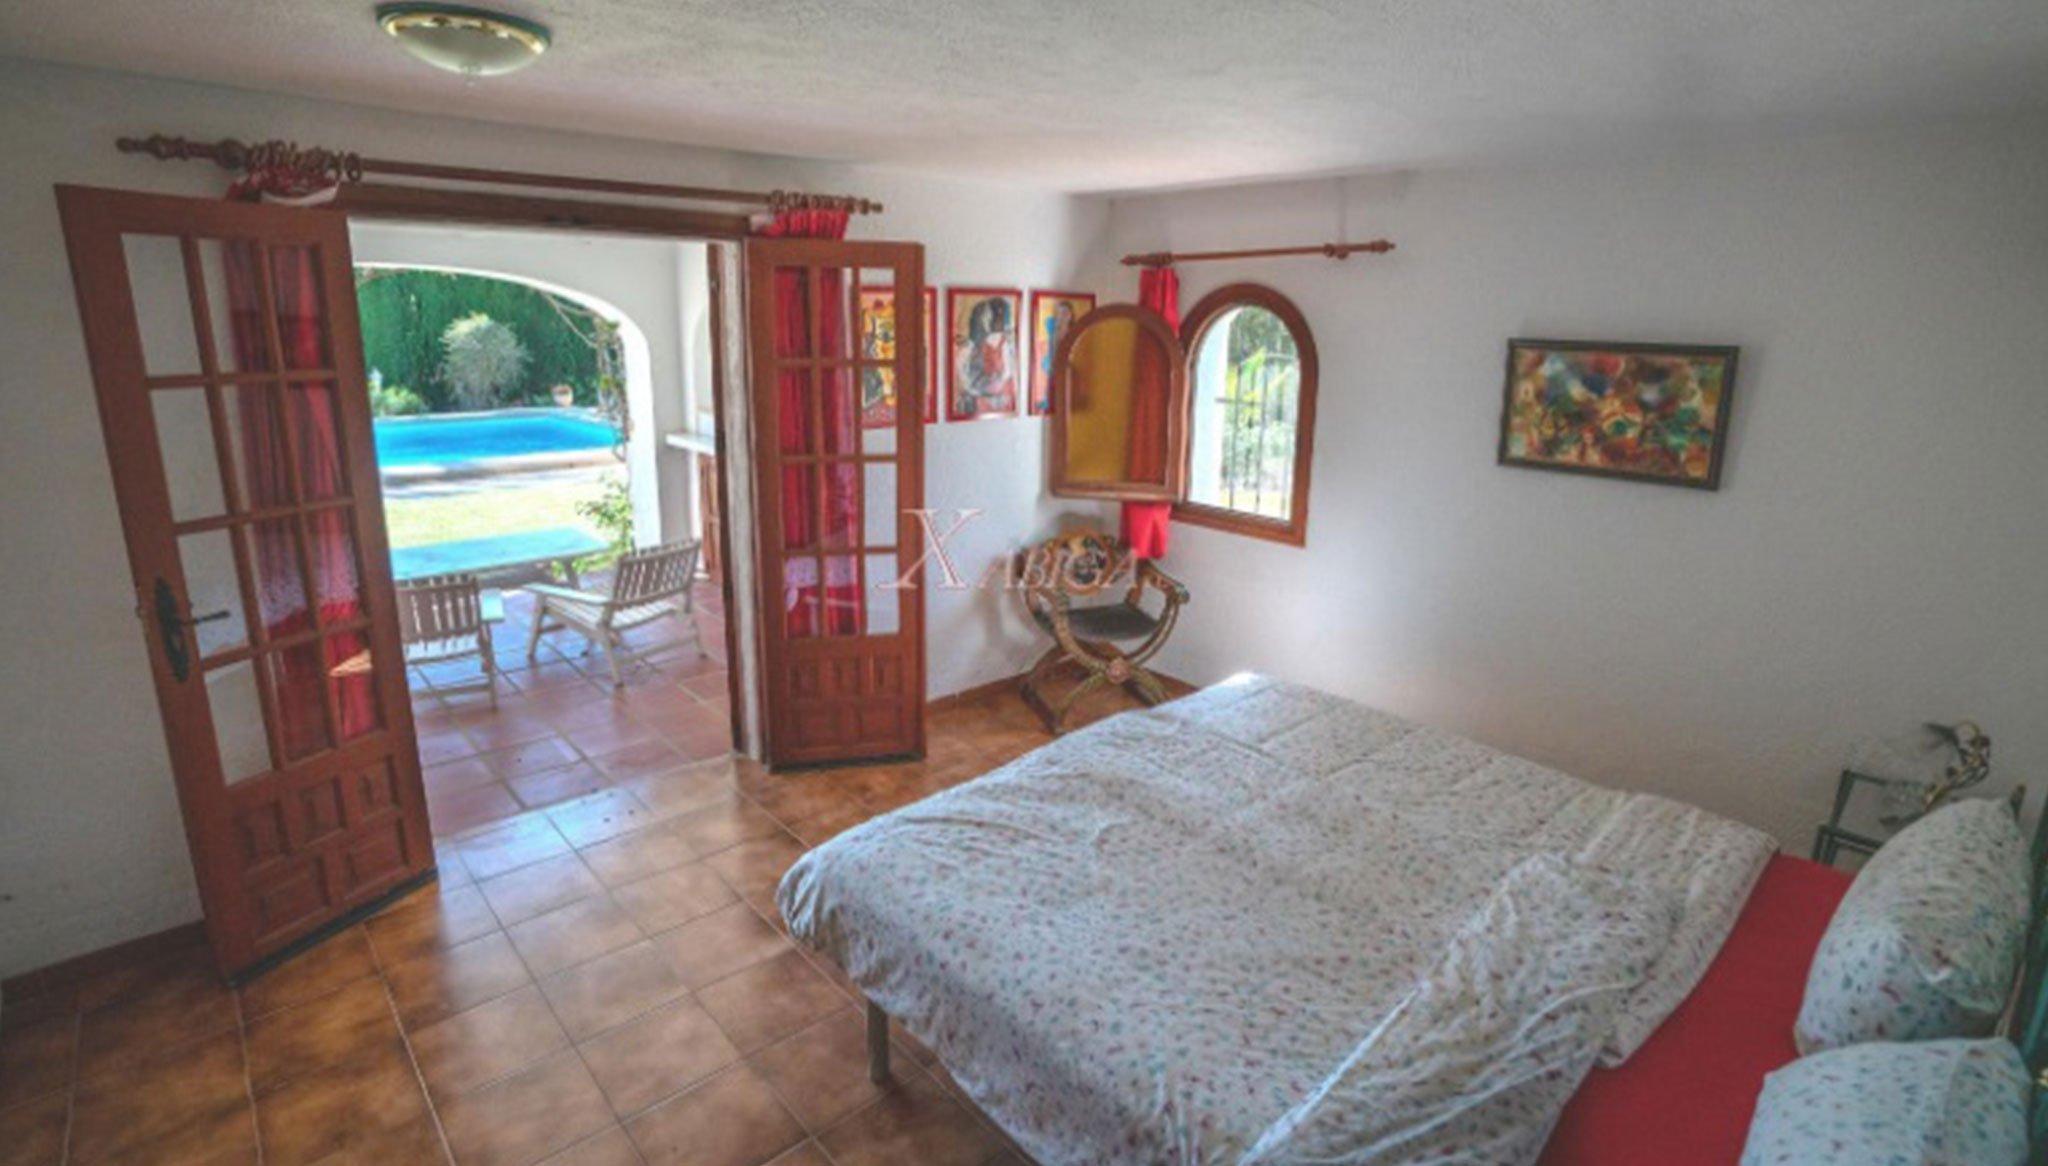 Quarto numa vivenda à venda em Jávea - Xabiga Inmobiliaria